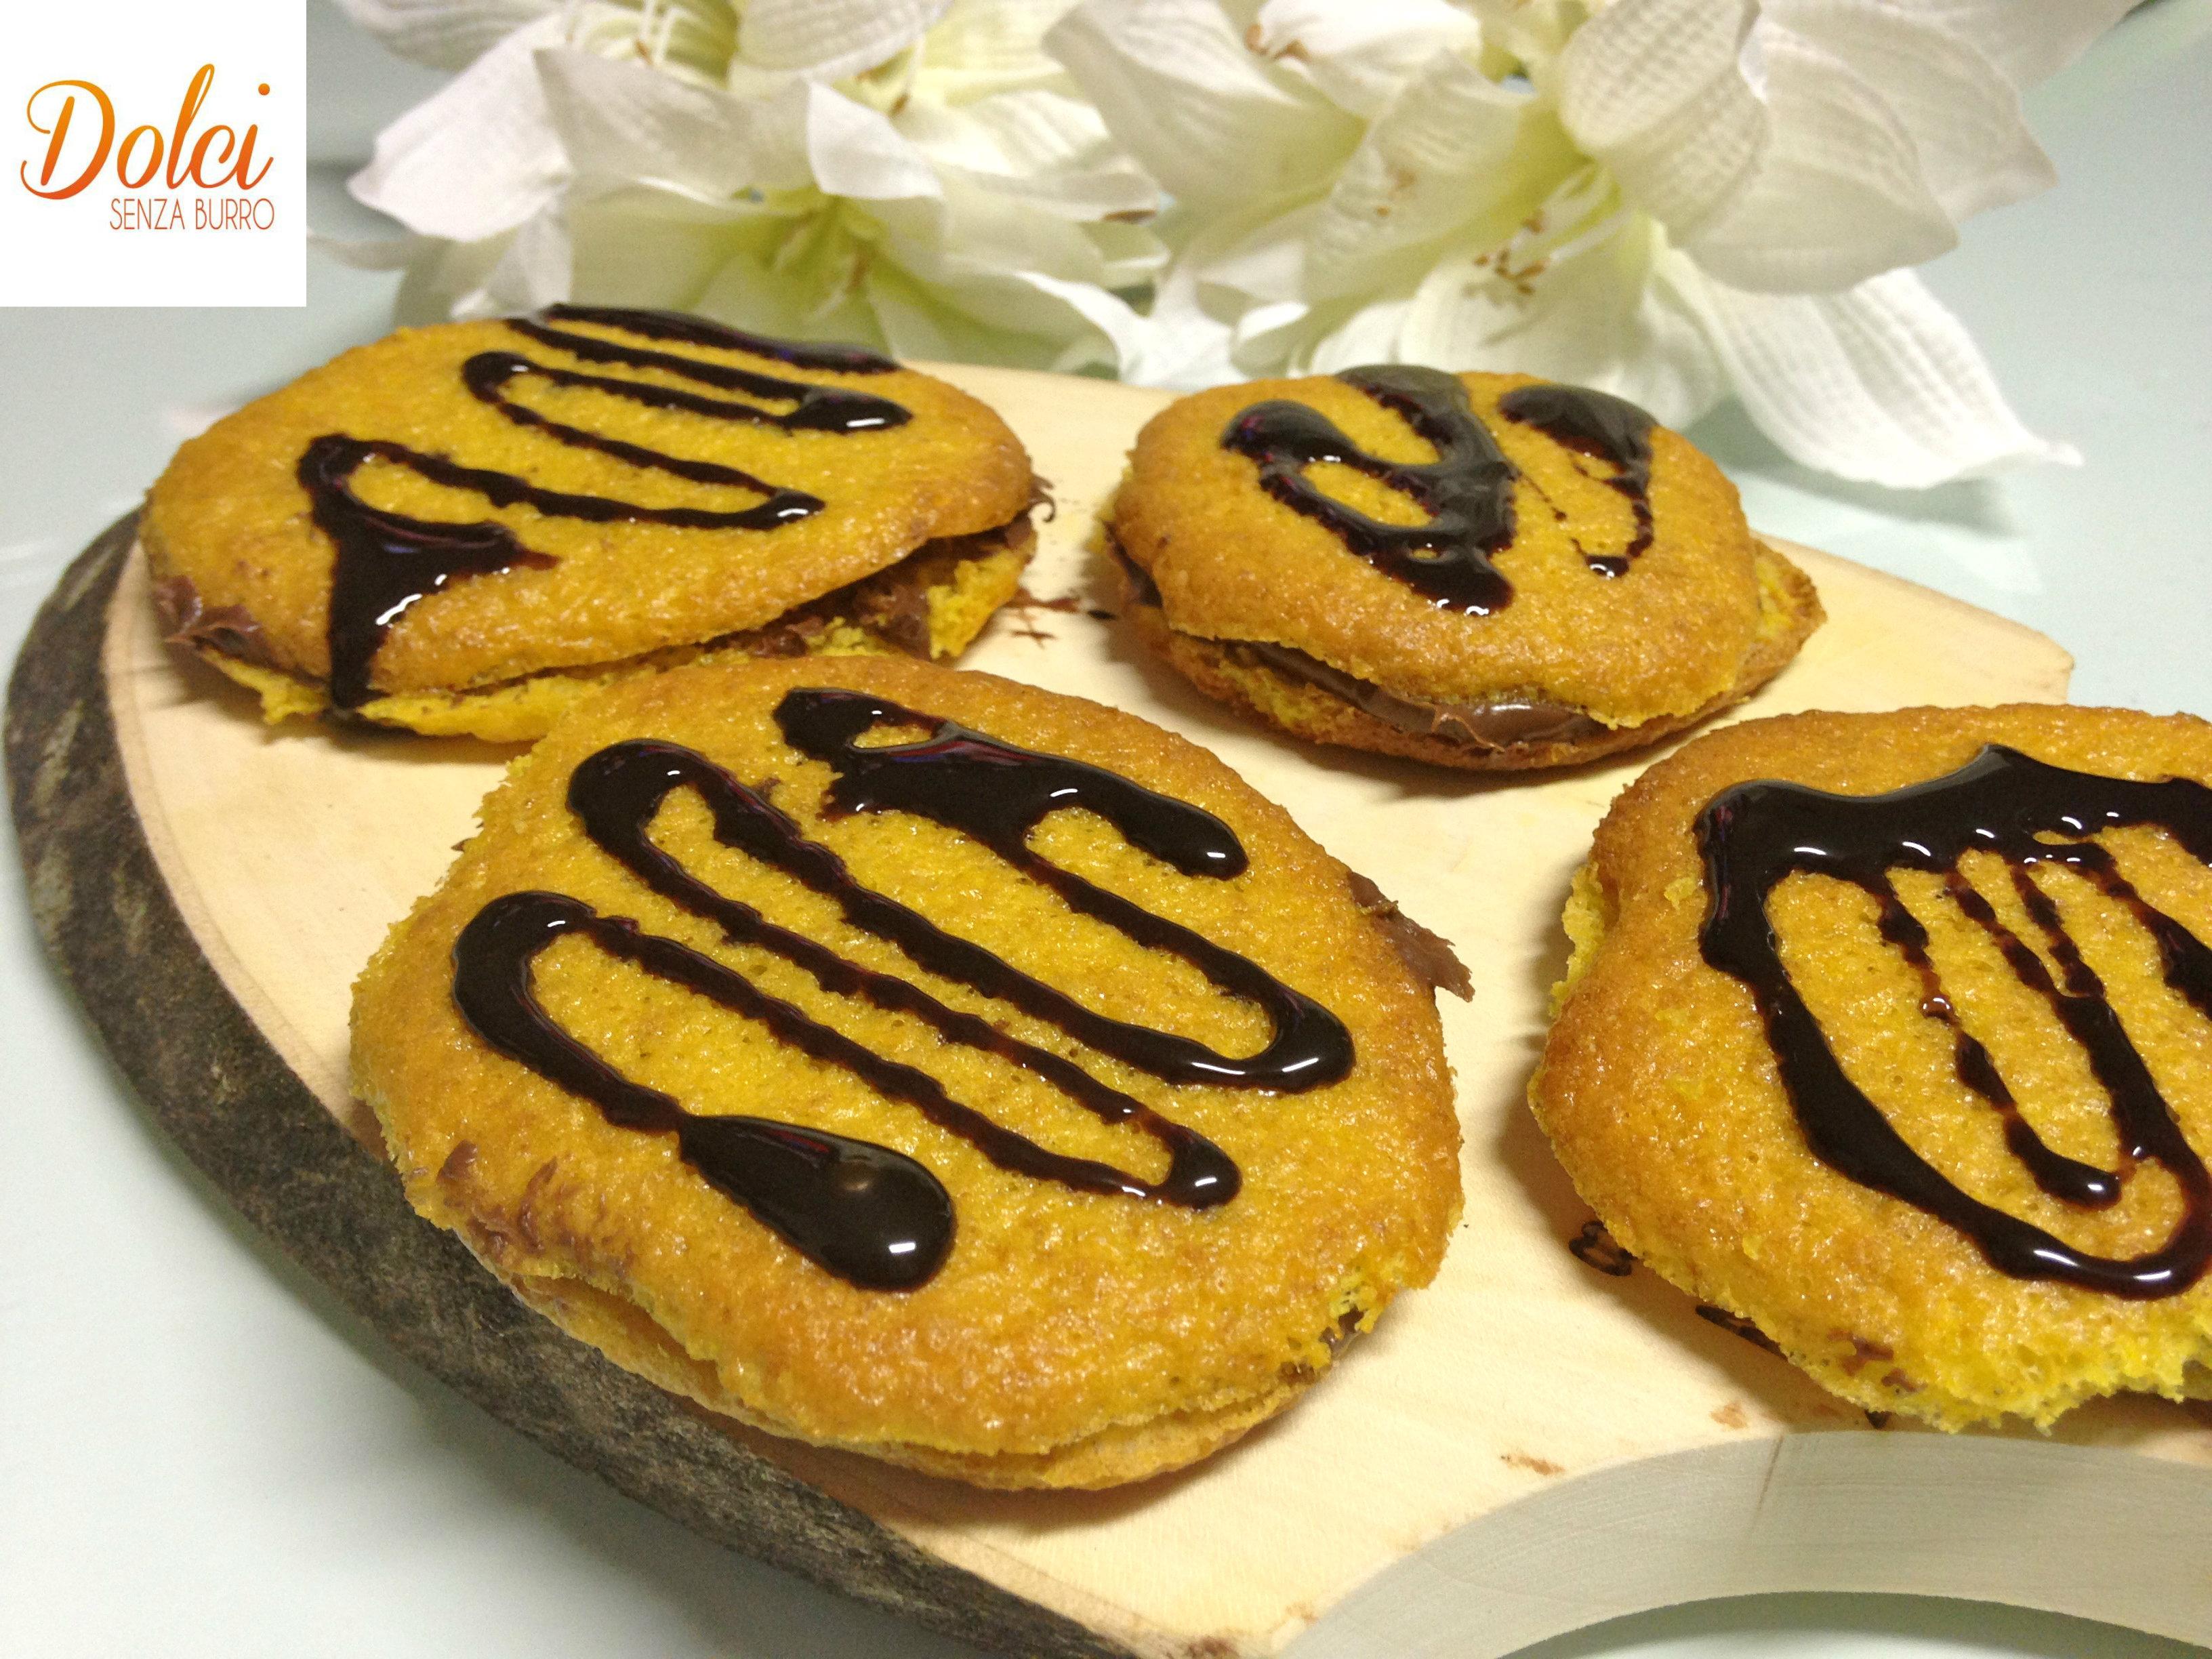 Biscotti Morbidi Senza Burro , i biscotti senza lattosio di dolci senza burro